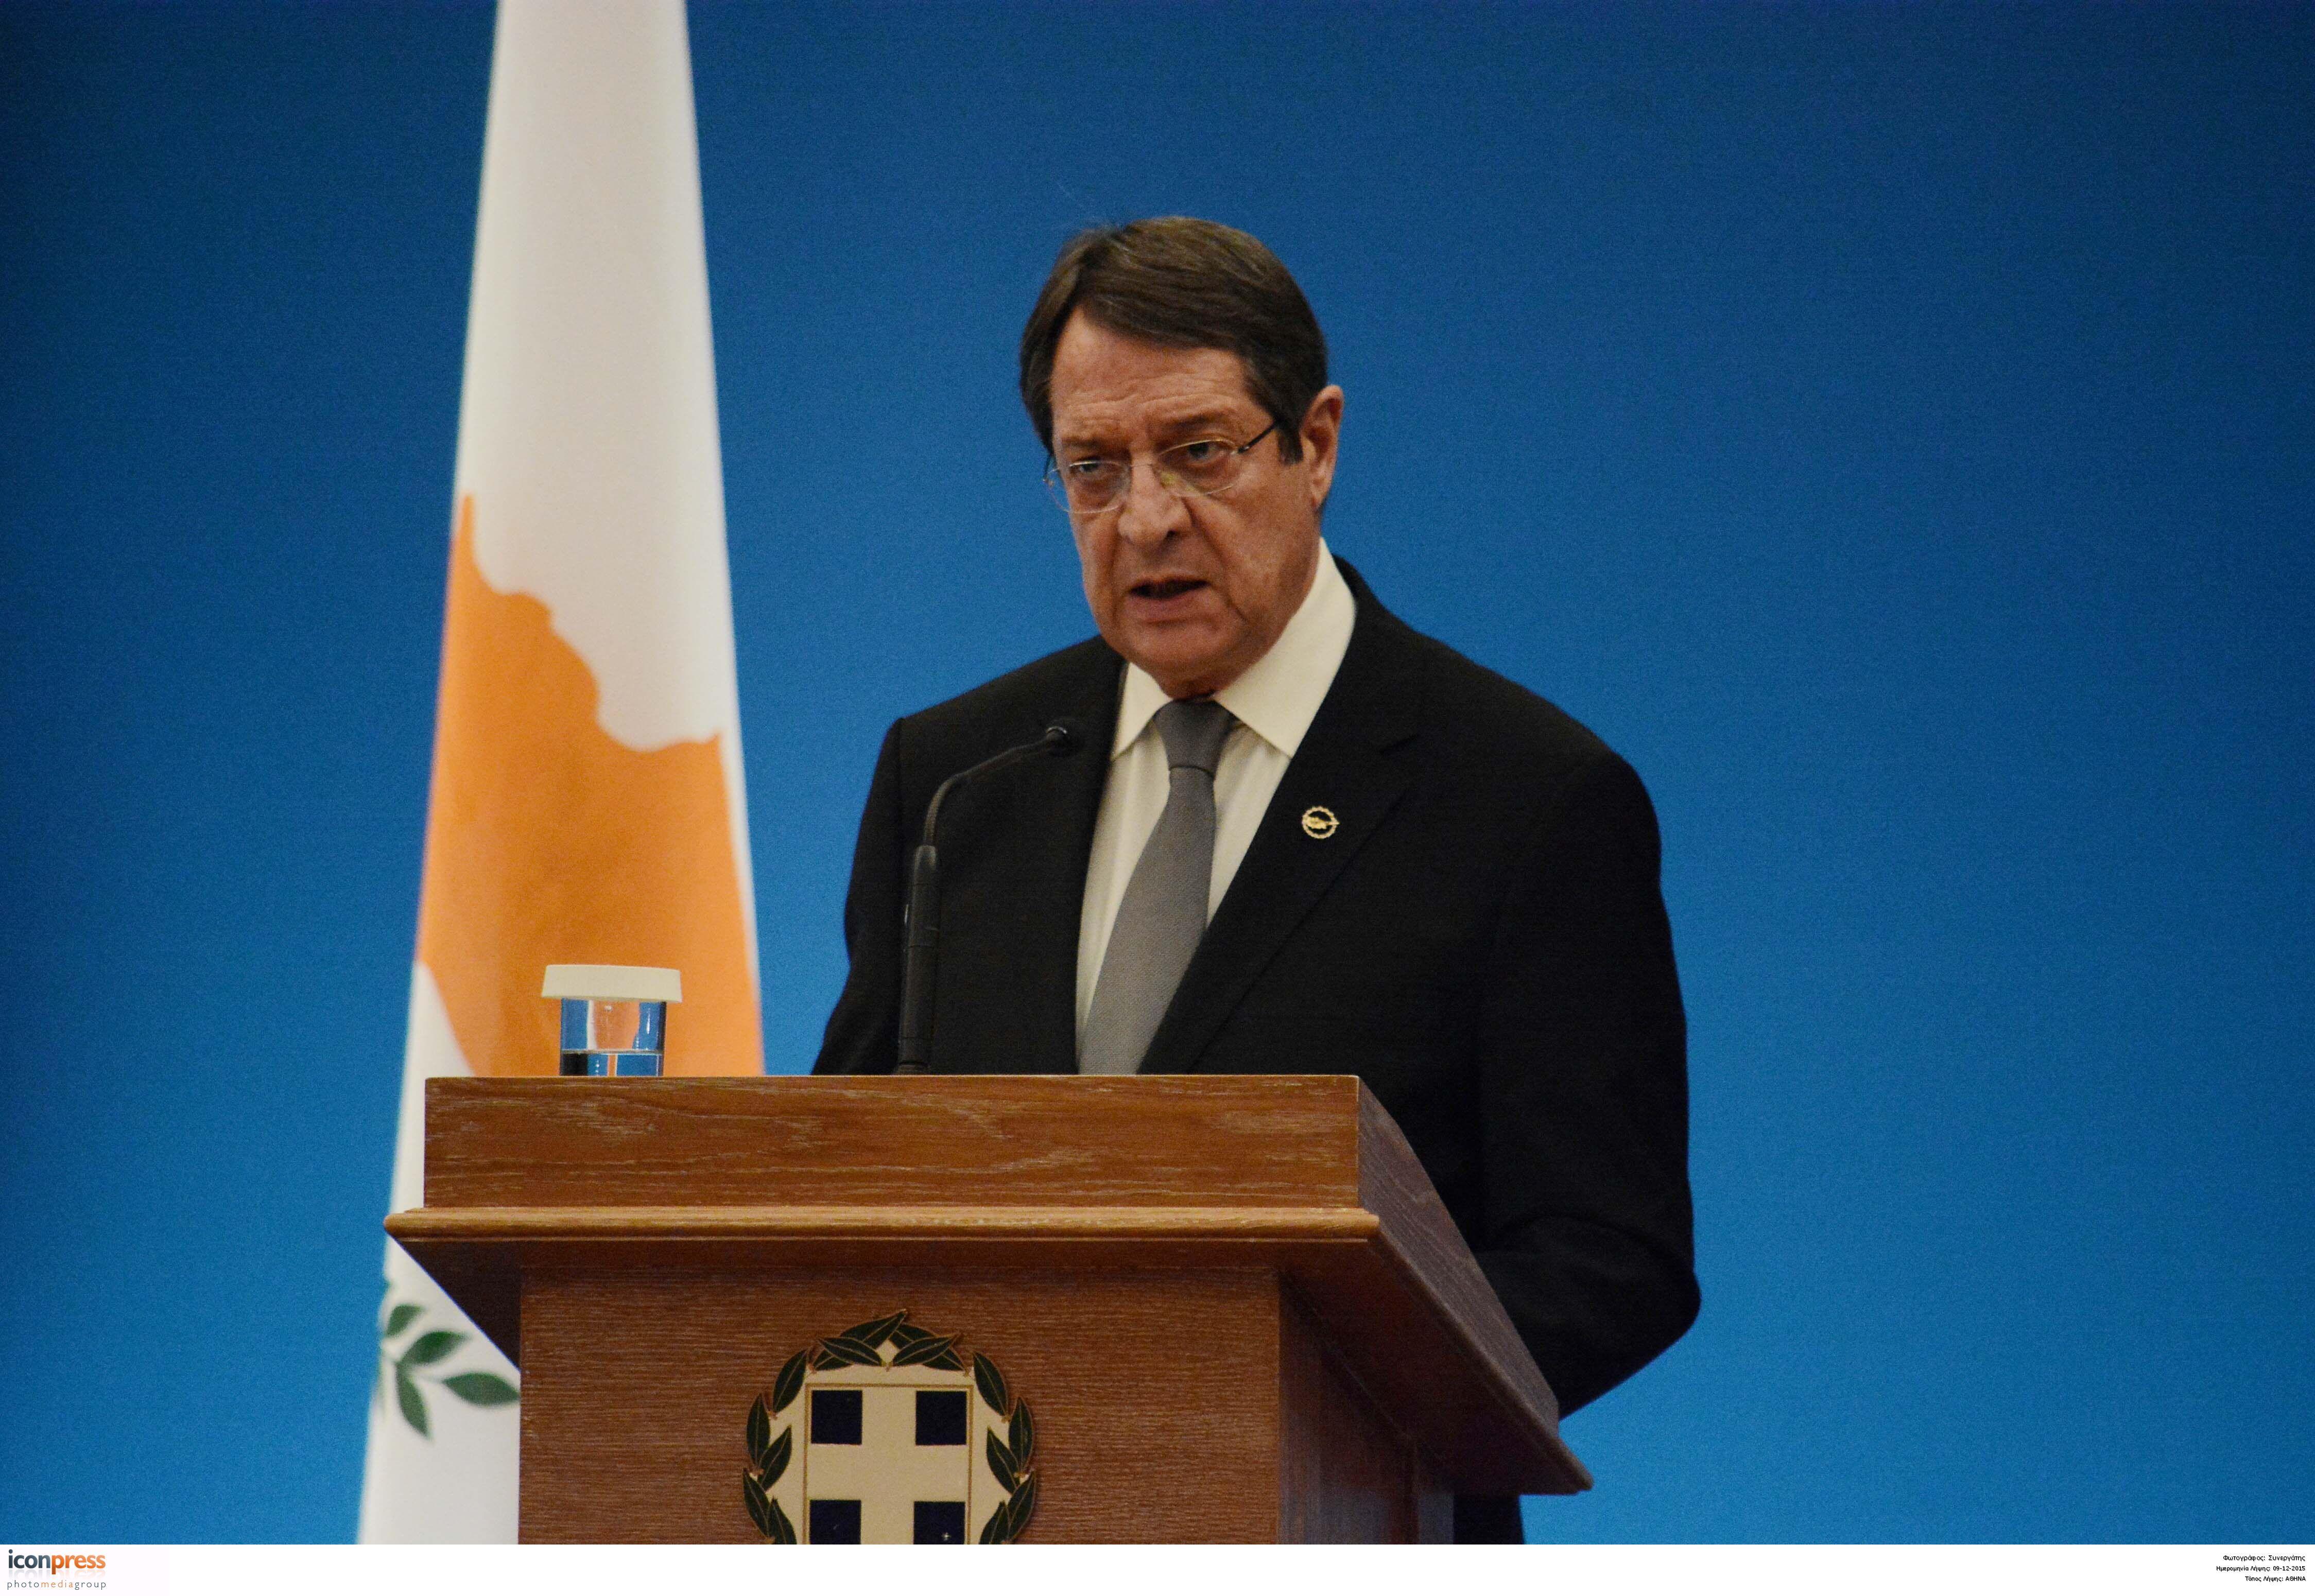 Τσίπρας σε Αναστασιάδη: Ανάγκη δίκαιης λύσης στο Κυπριακό | tovima.gr